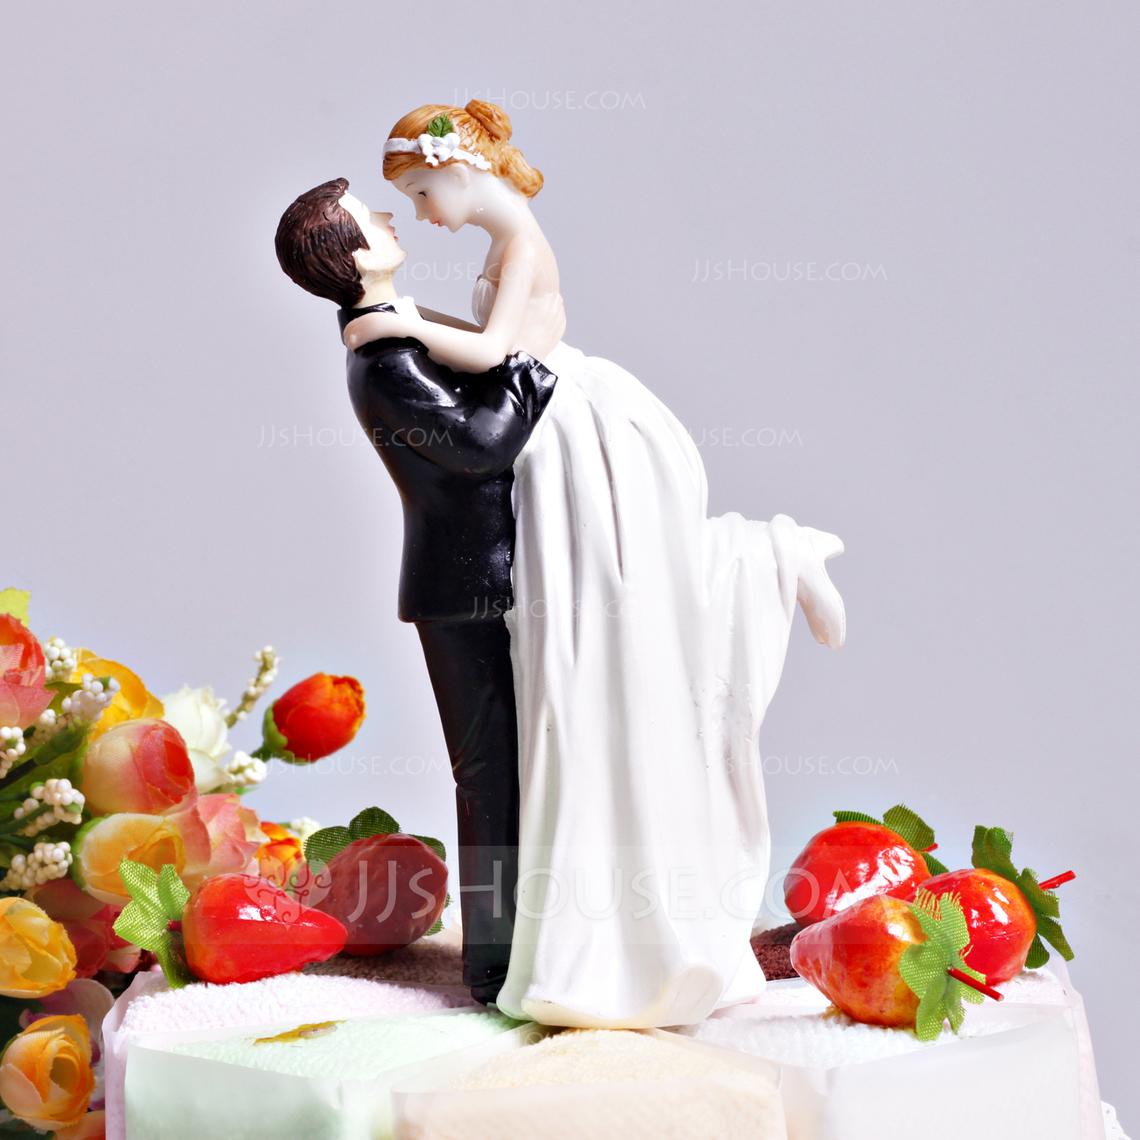 Love Swept Resin Wedding Cake Topper 122036176 JJsHouse